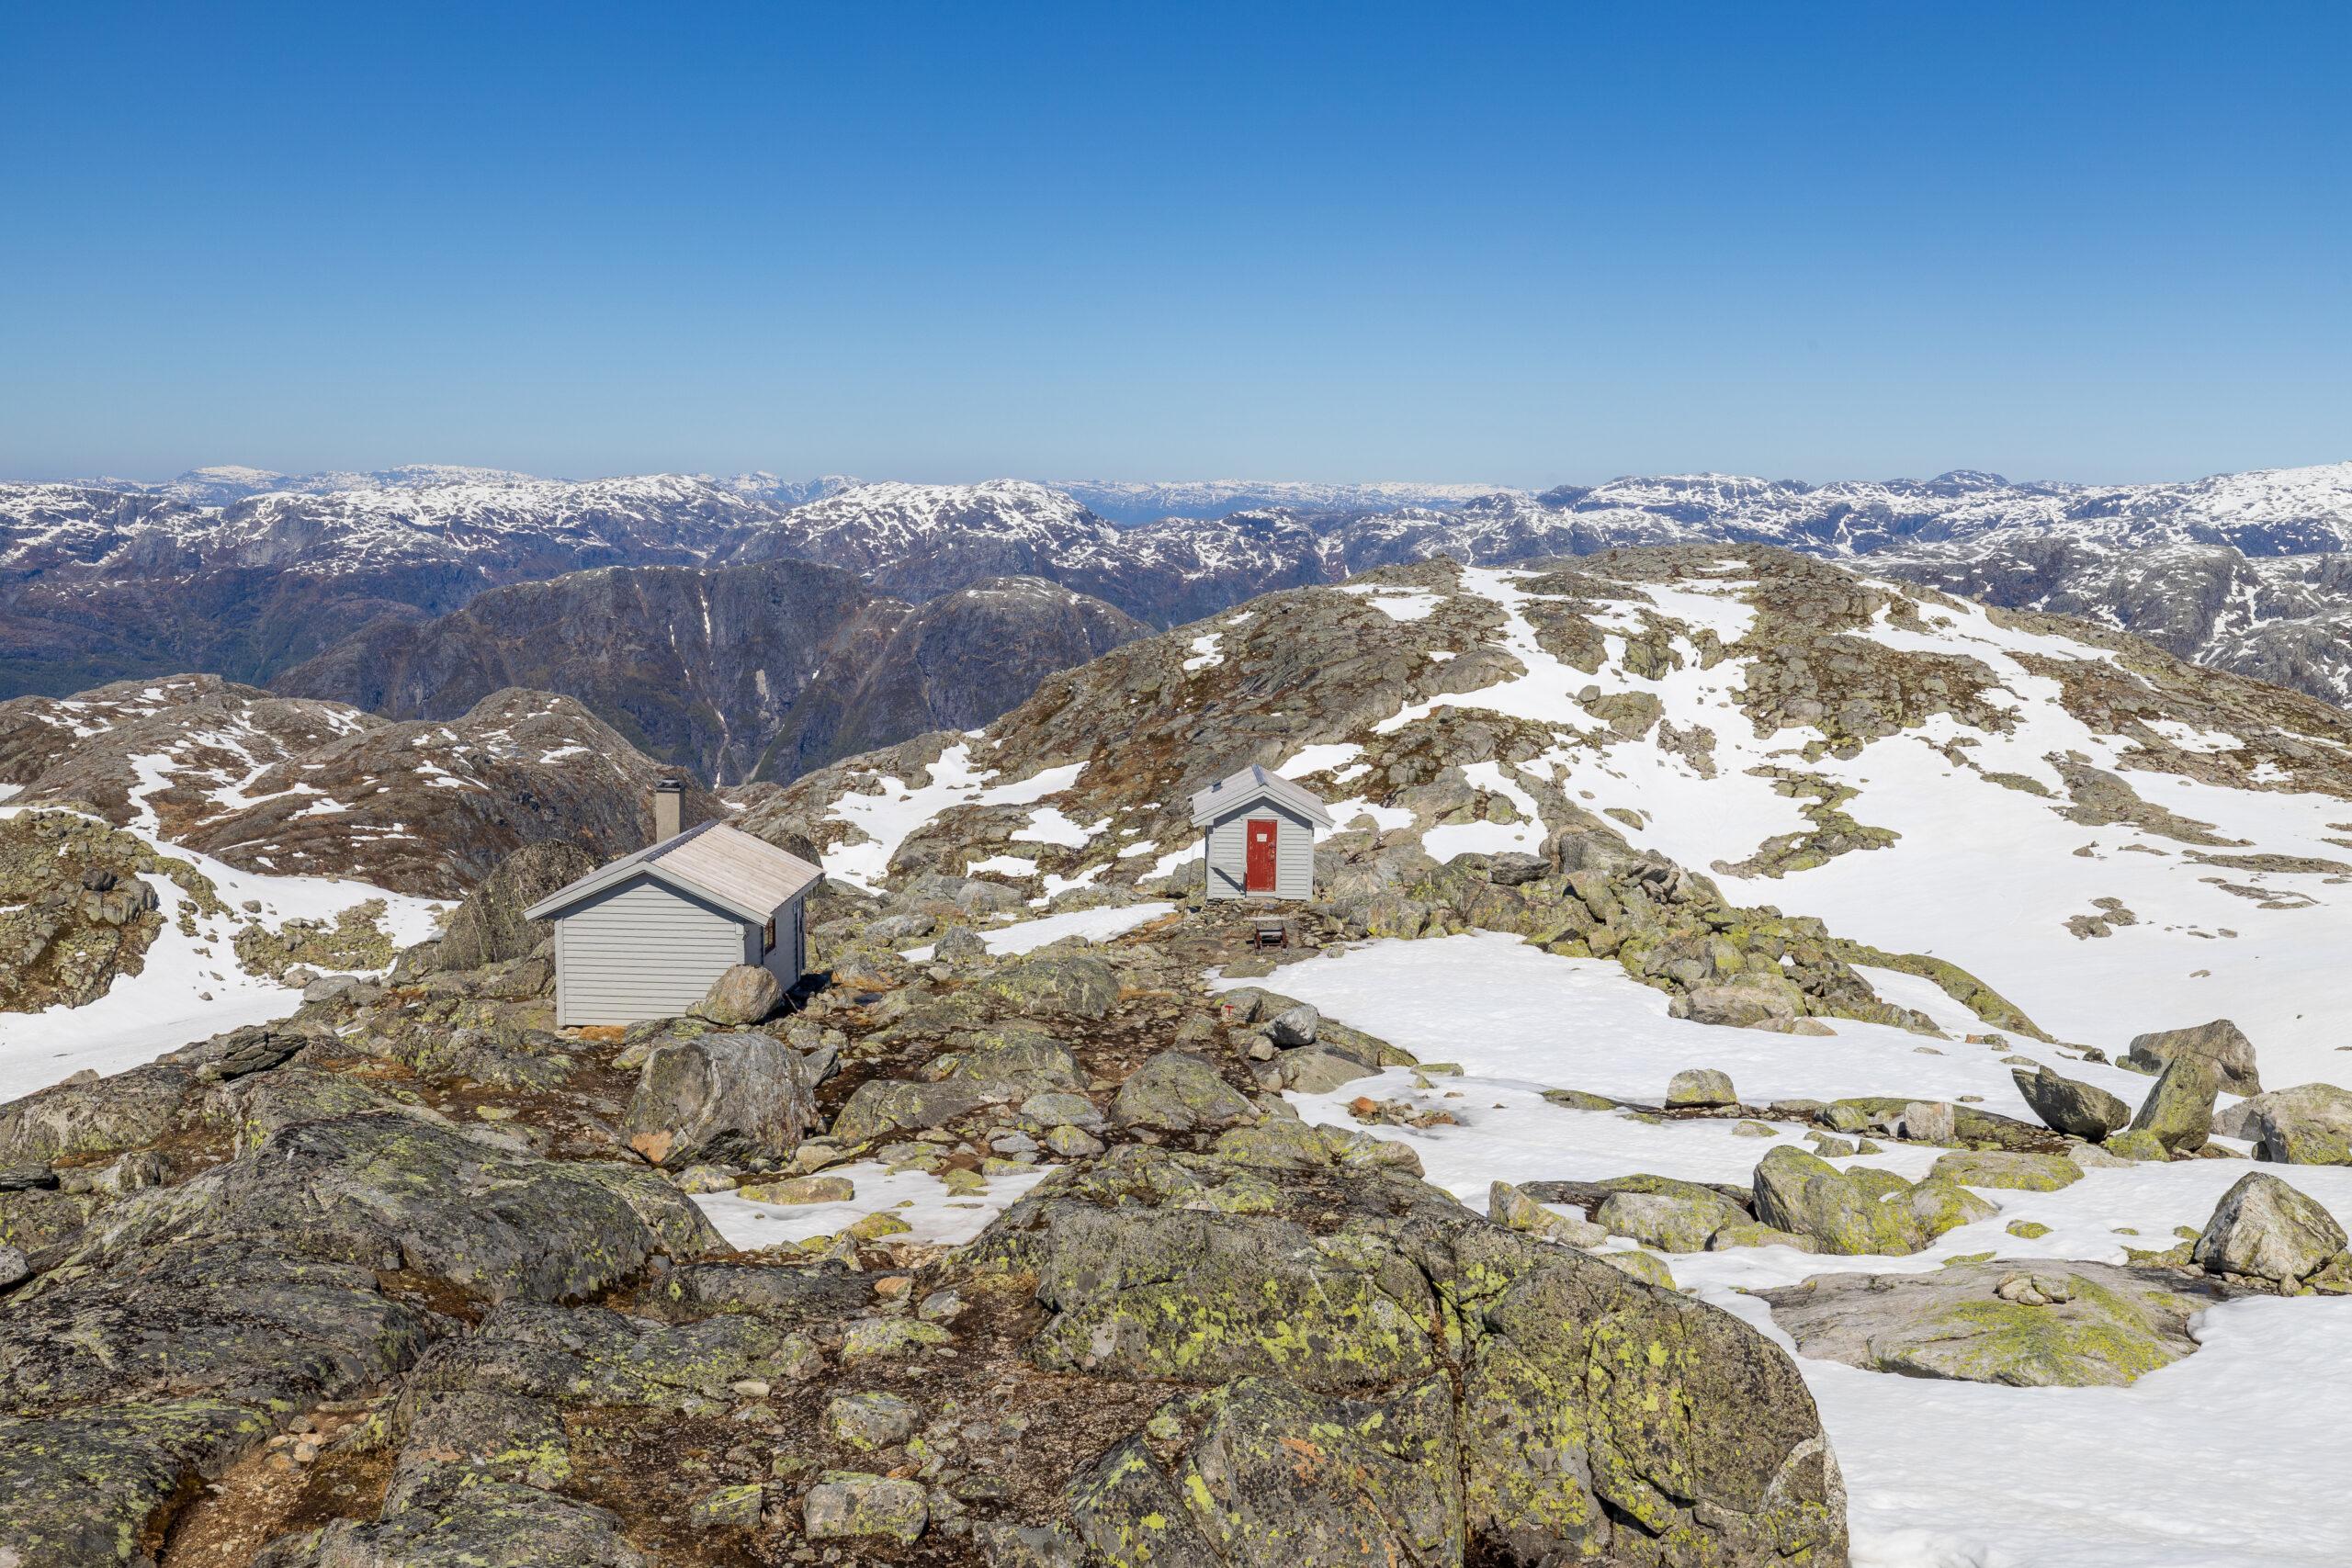 Turisthytten Breidablikk ligger på en hylle over Breidablikkbrea.